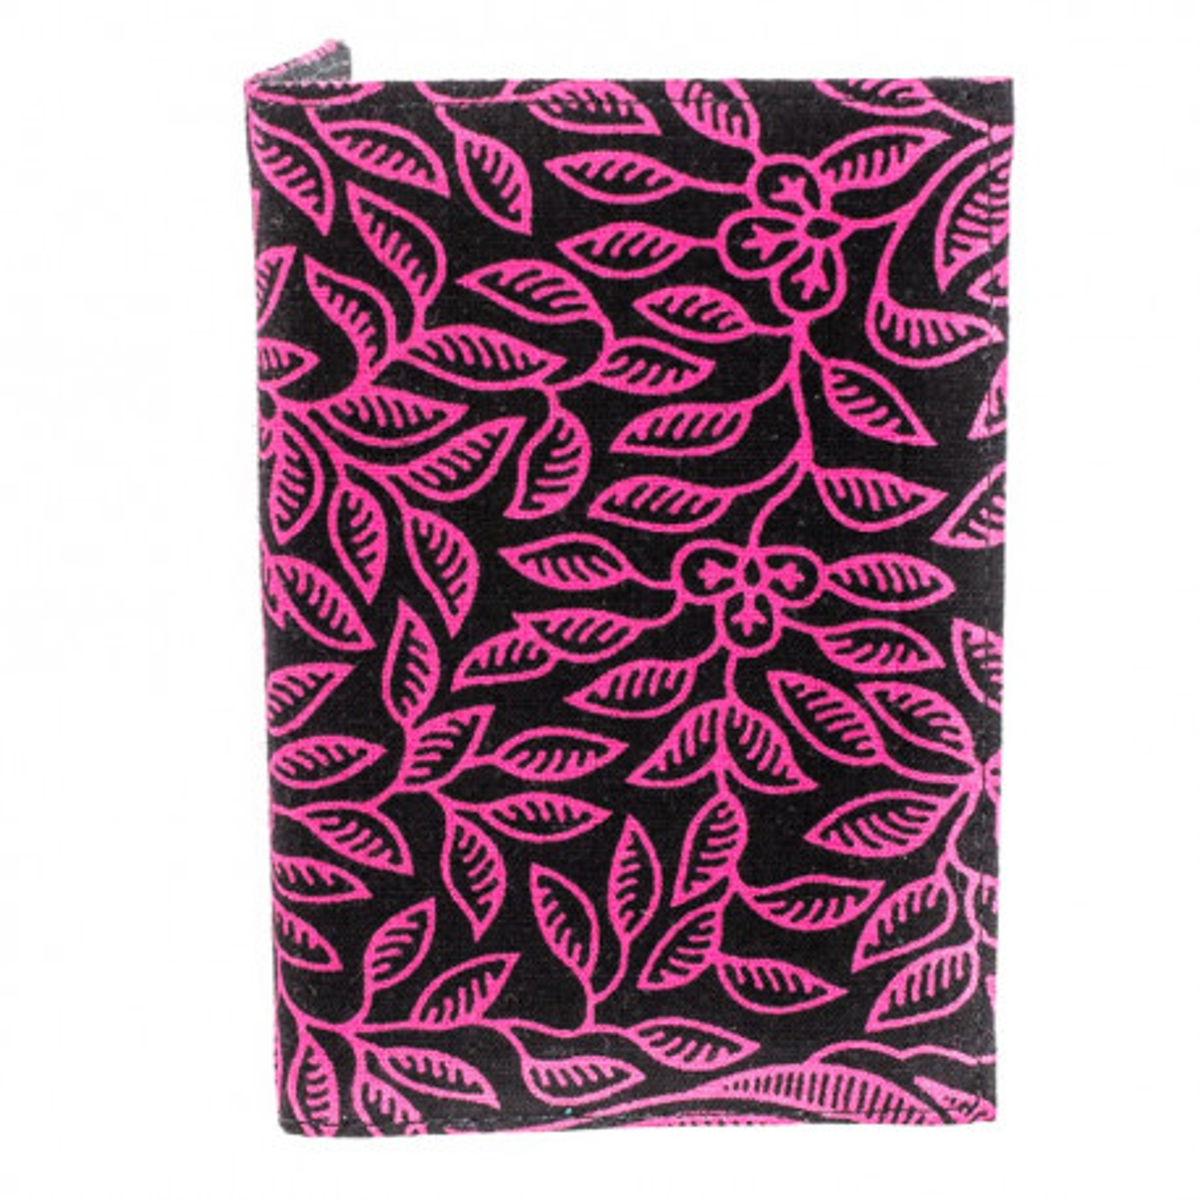 Porte-cartes rigide en coton noir et rose